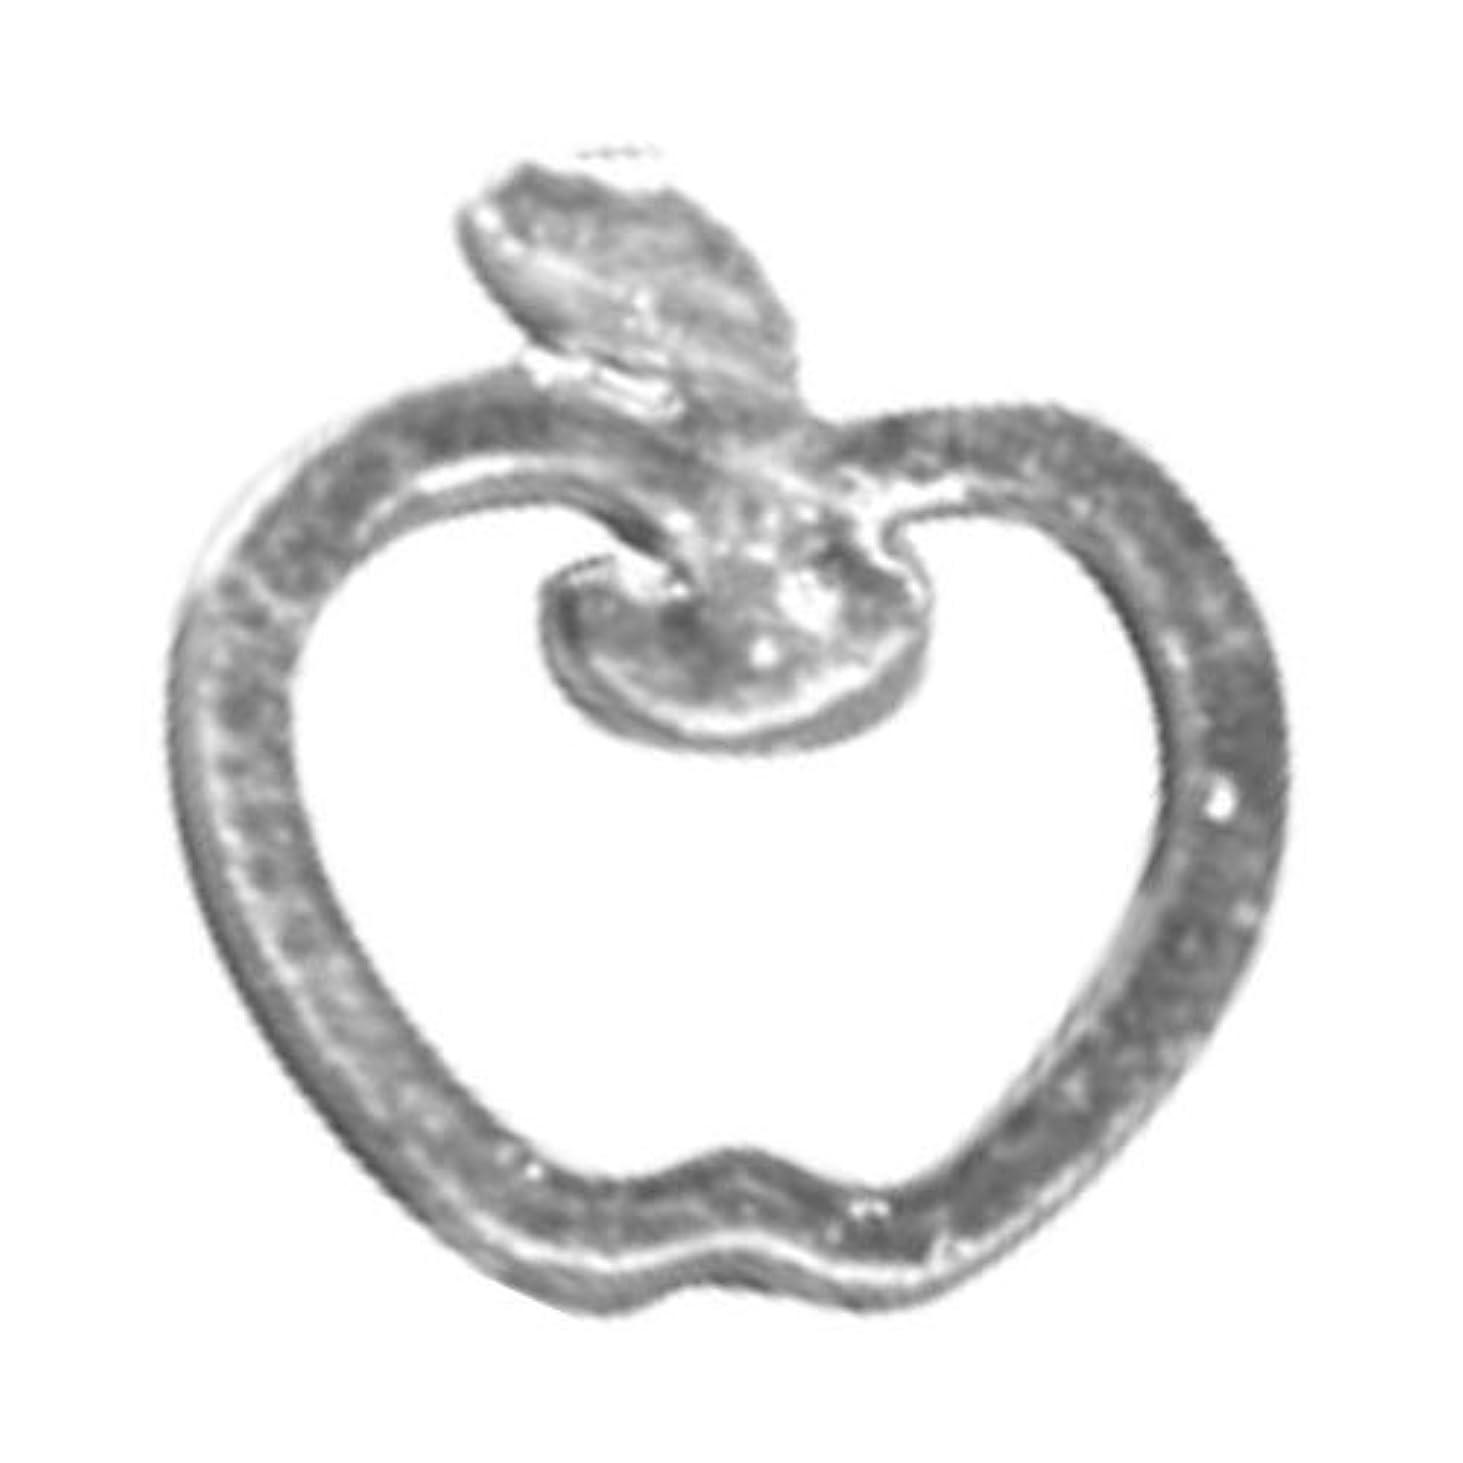 私たち自身憎しみスピンリトルプリティー ネイルアートパーツ リンゴ SS シルバー 10個